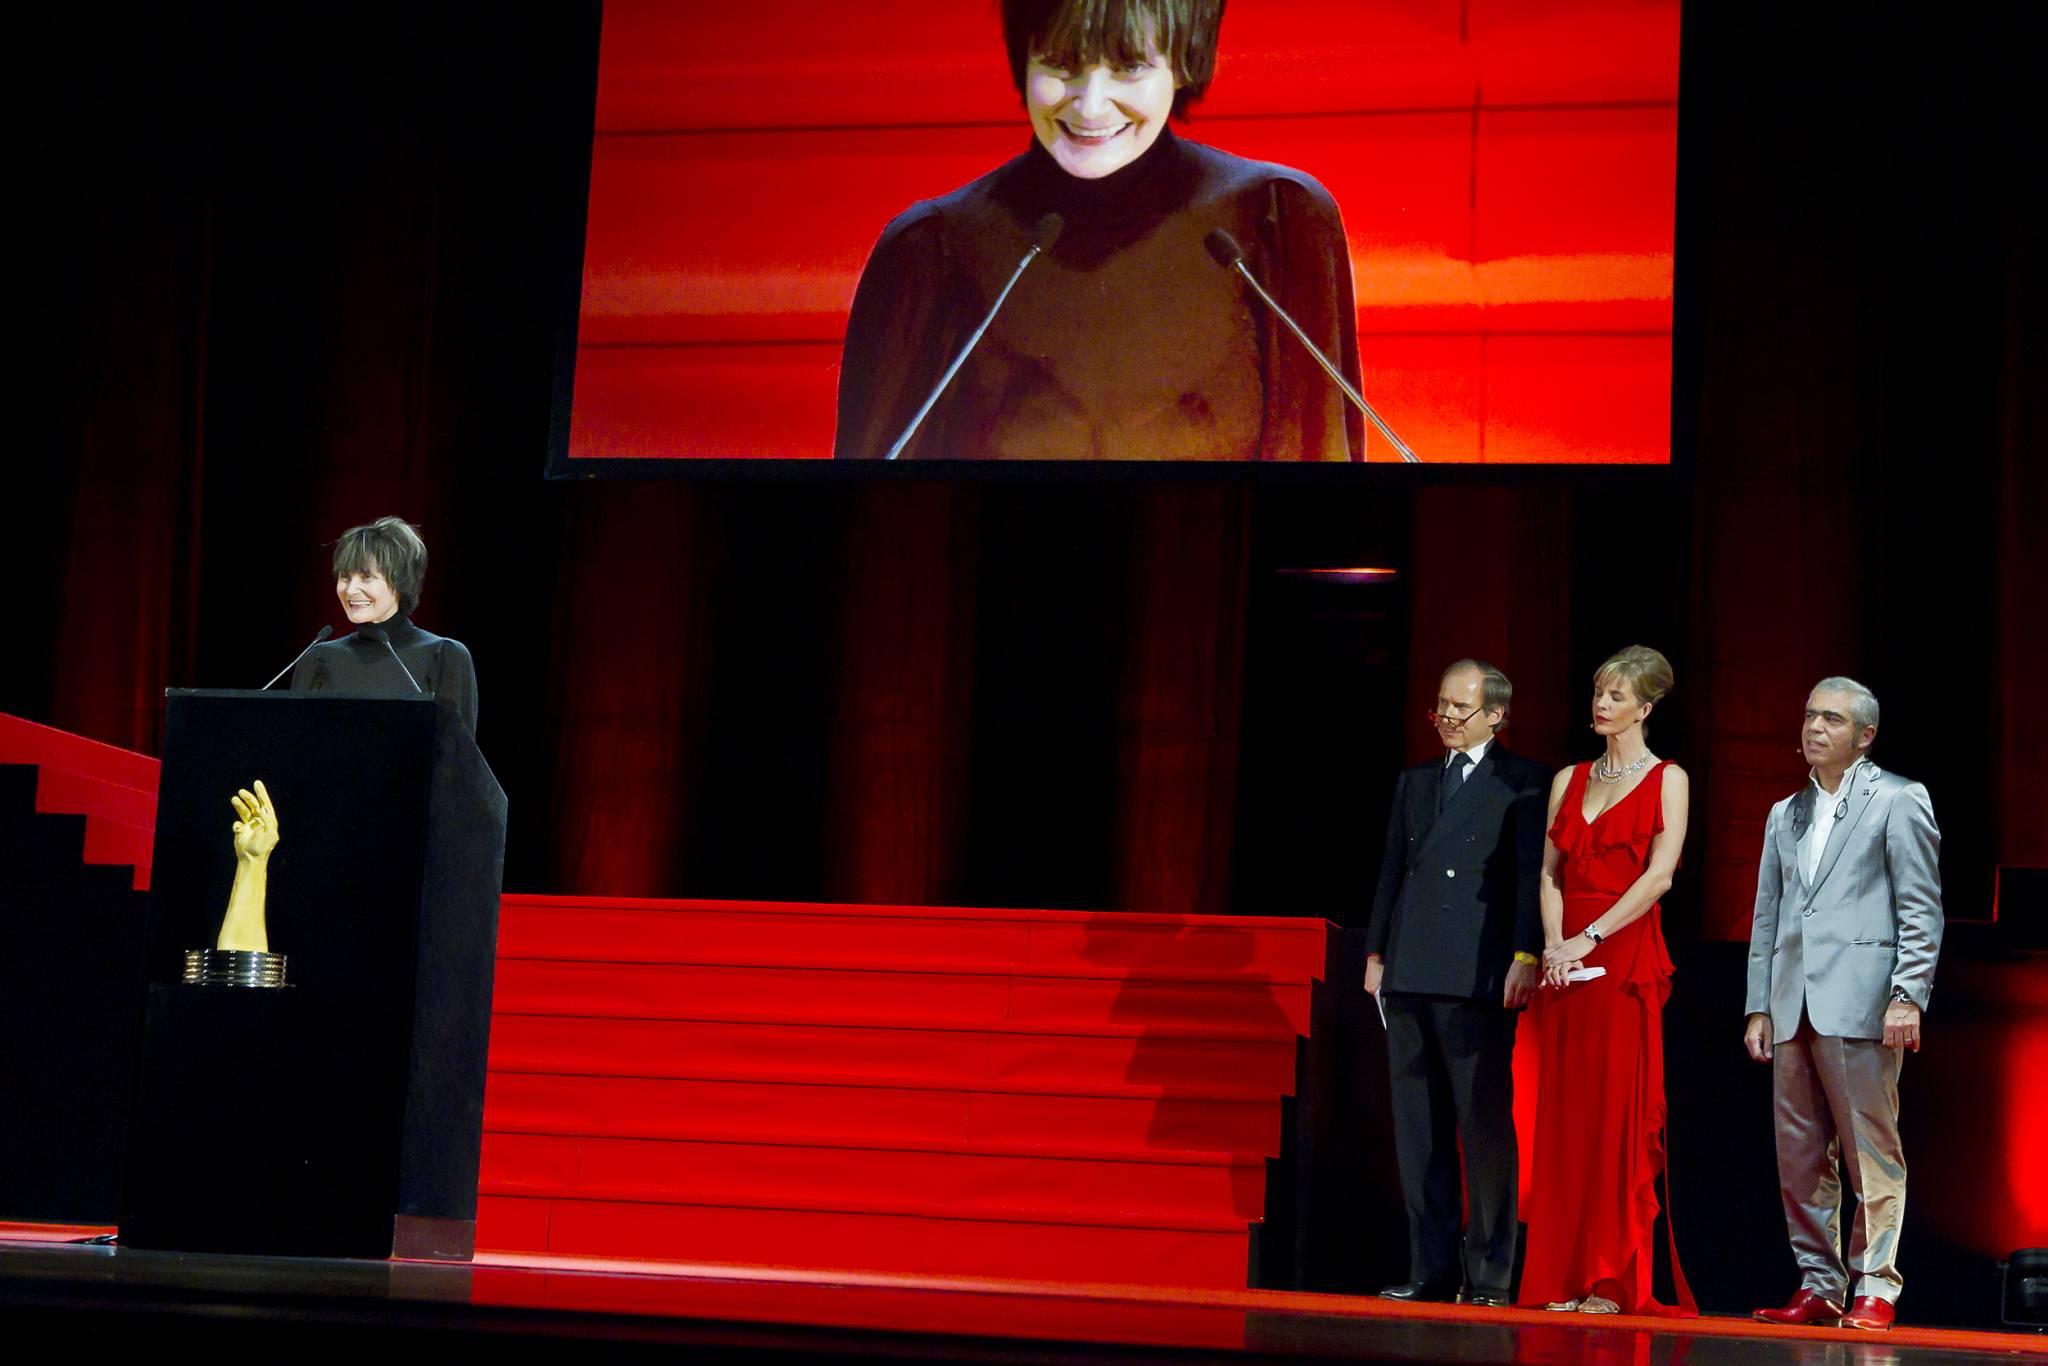 Micheline Calmy Rey, Présidente de la Confédération, 19 novembre 2011